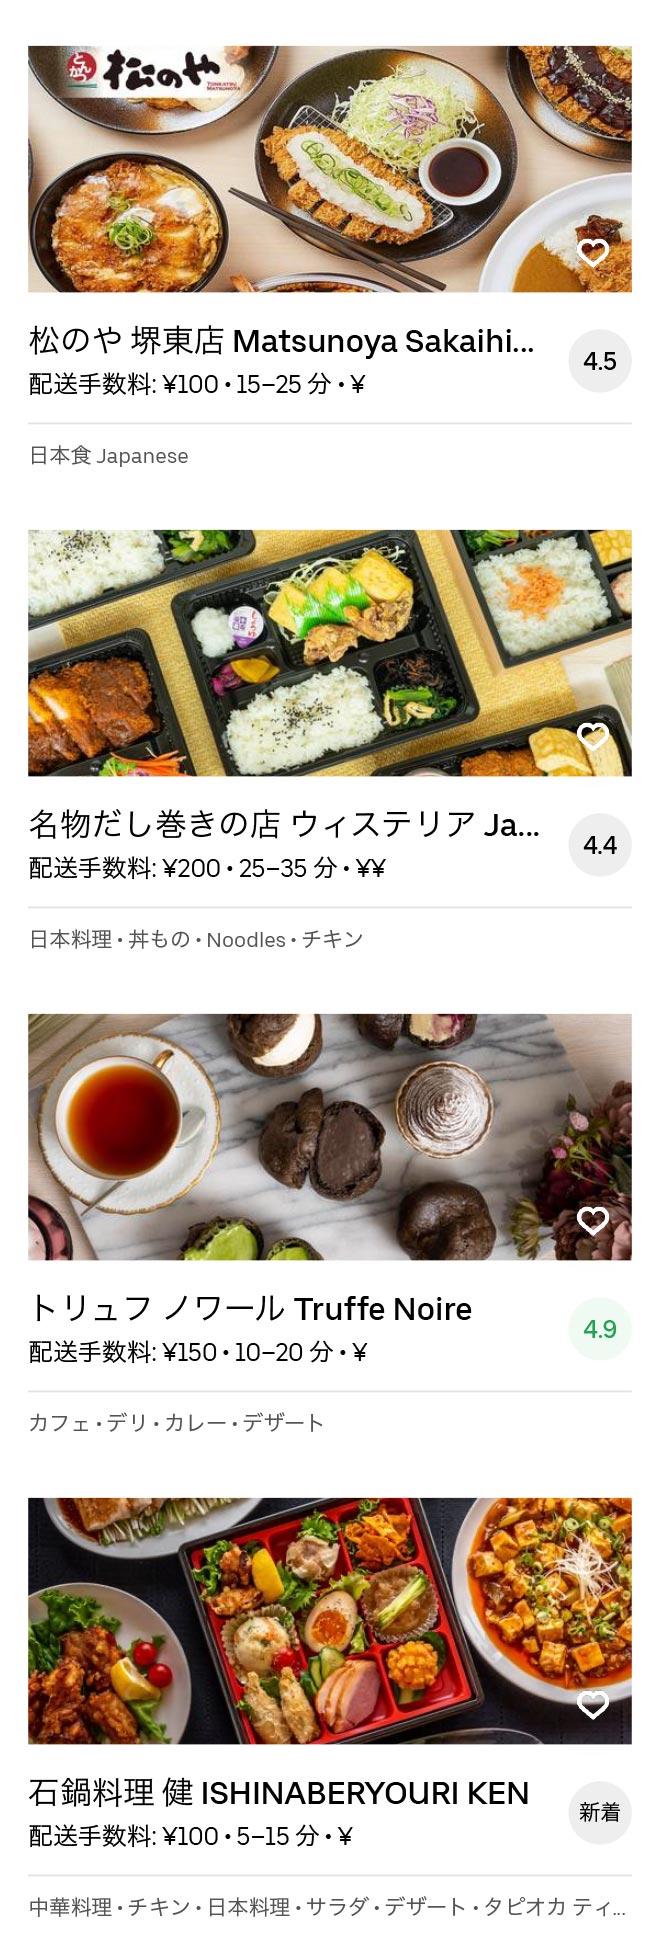 Sakai sakai higashi menu 2005 12